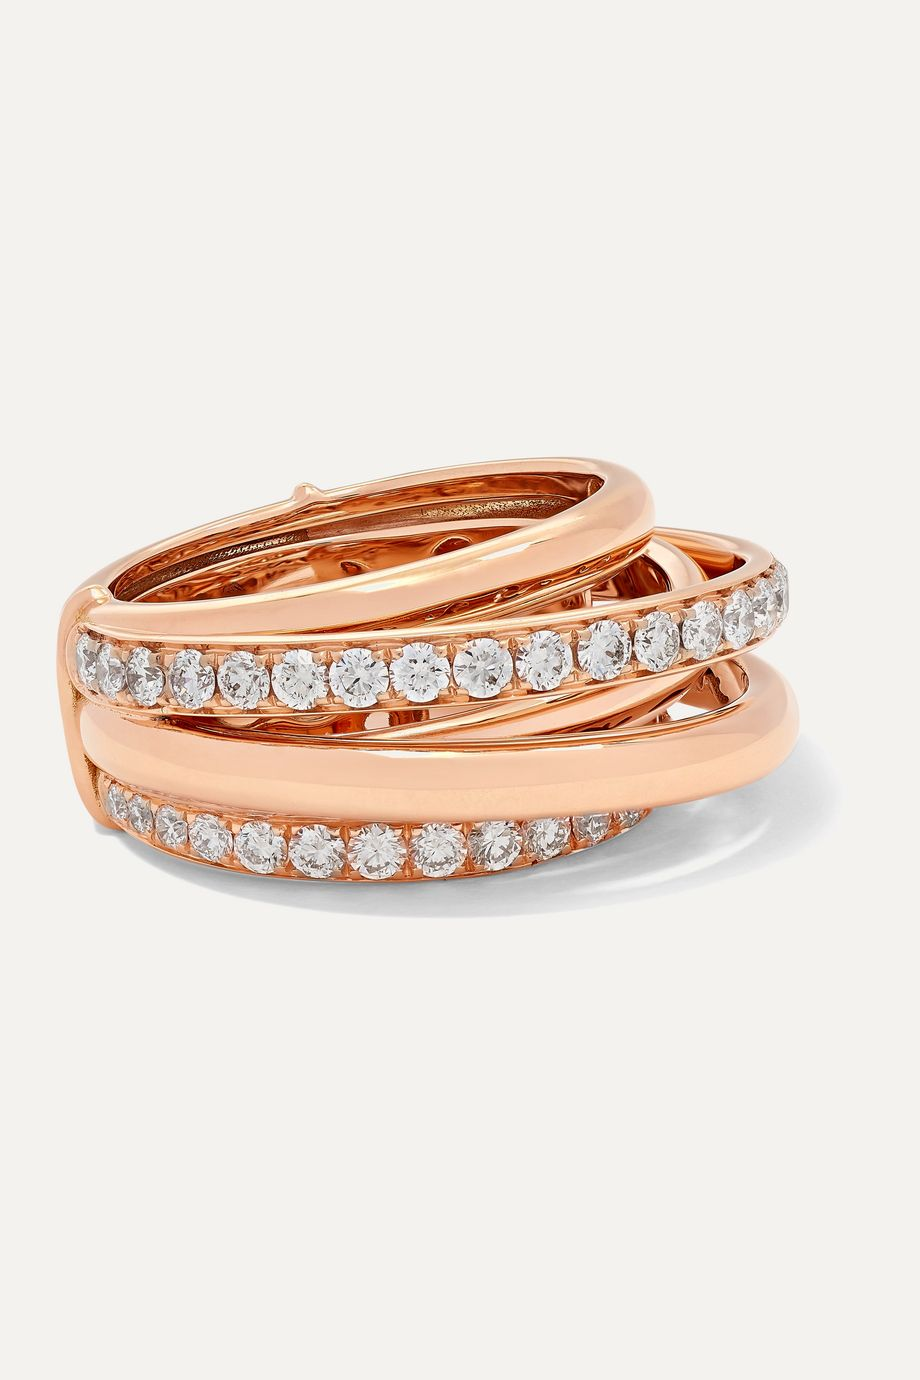 de GRISOGONO Allegra Ring aus 18 Karat Roségold mit Diamanten